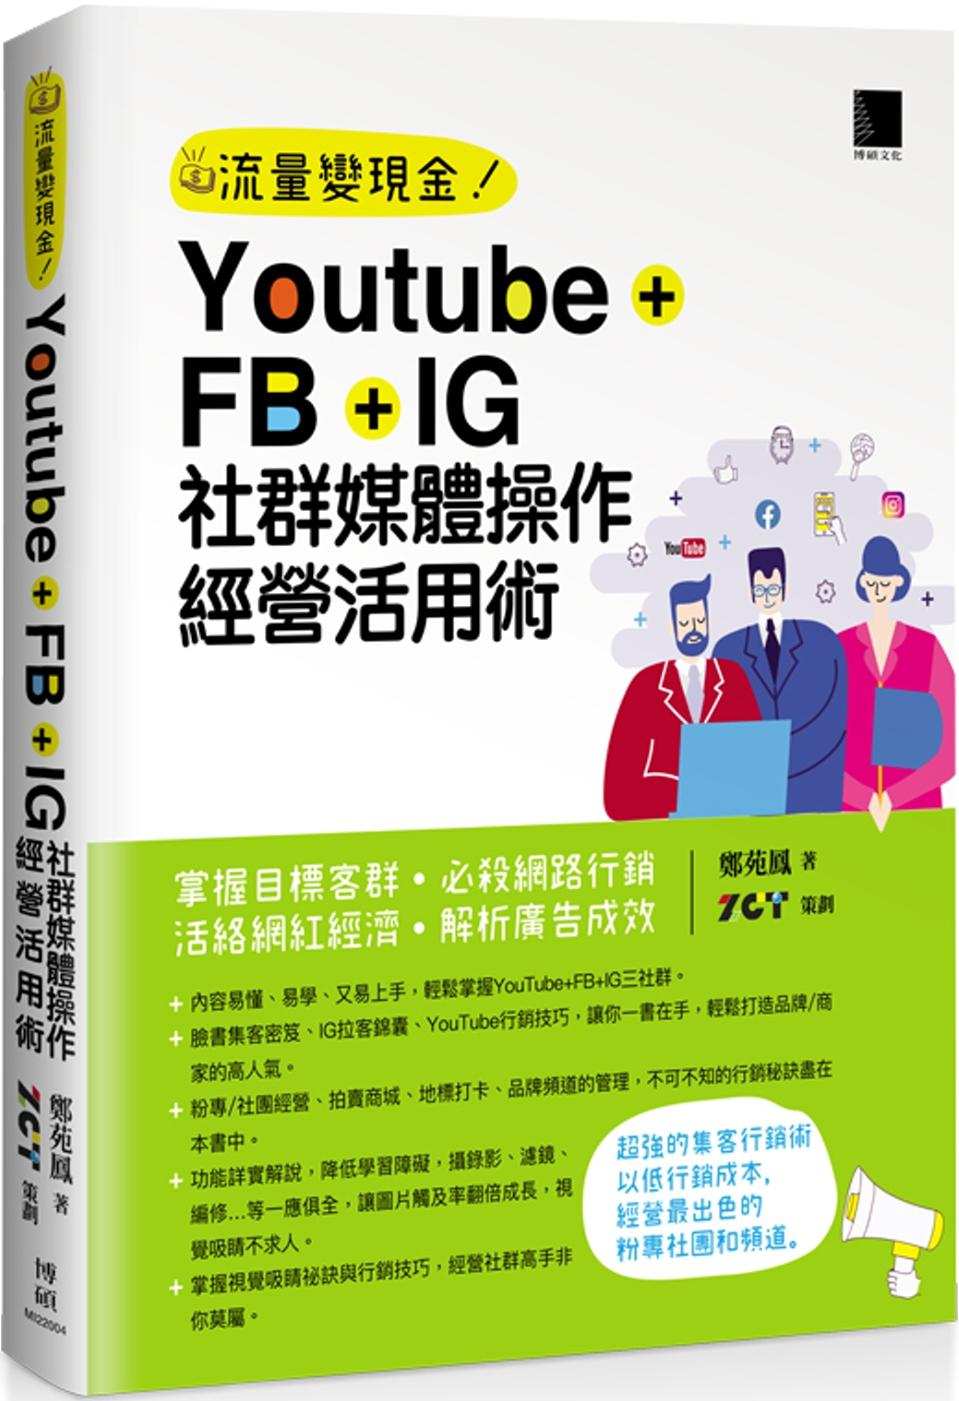 Youtube+FB+IG社群...